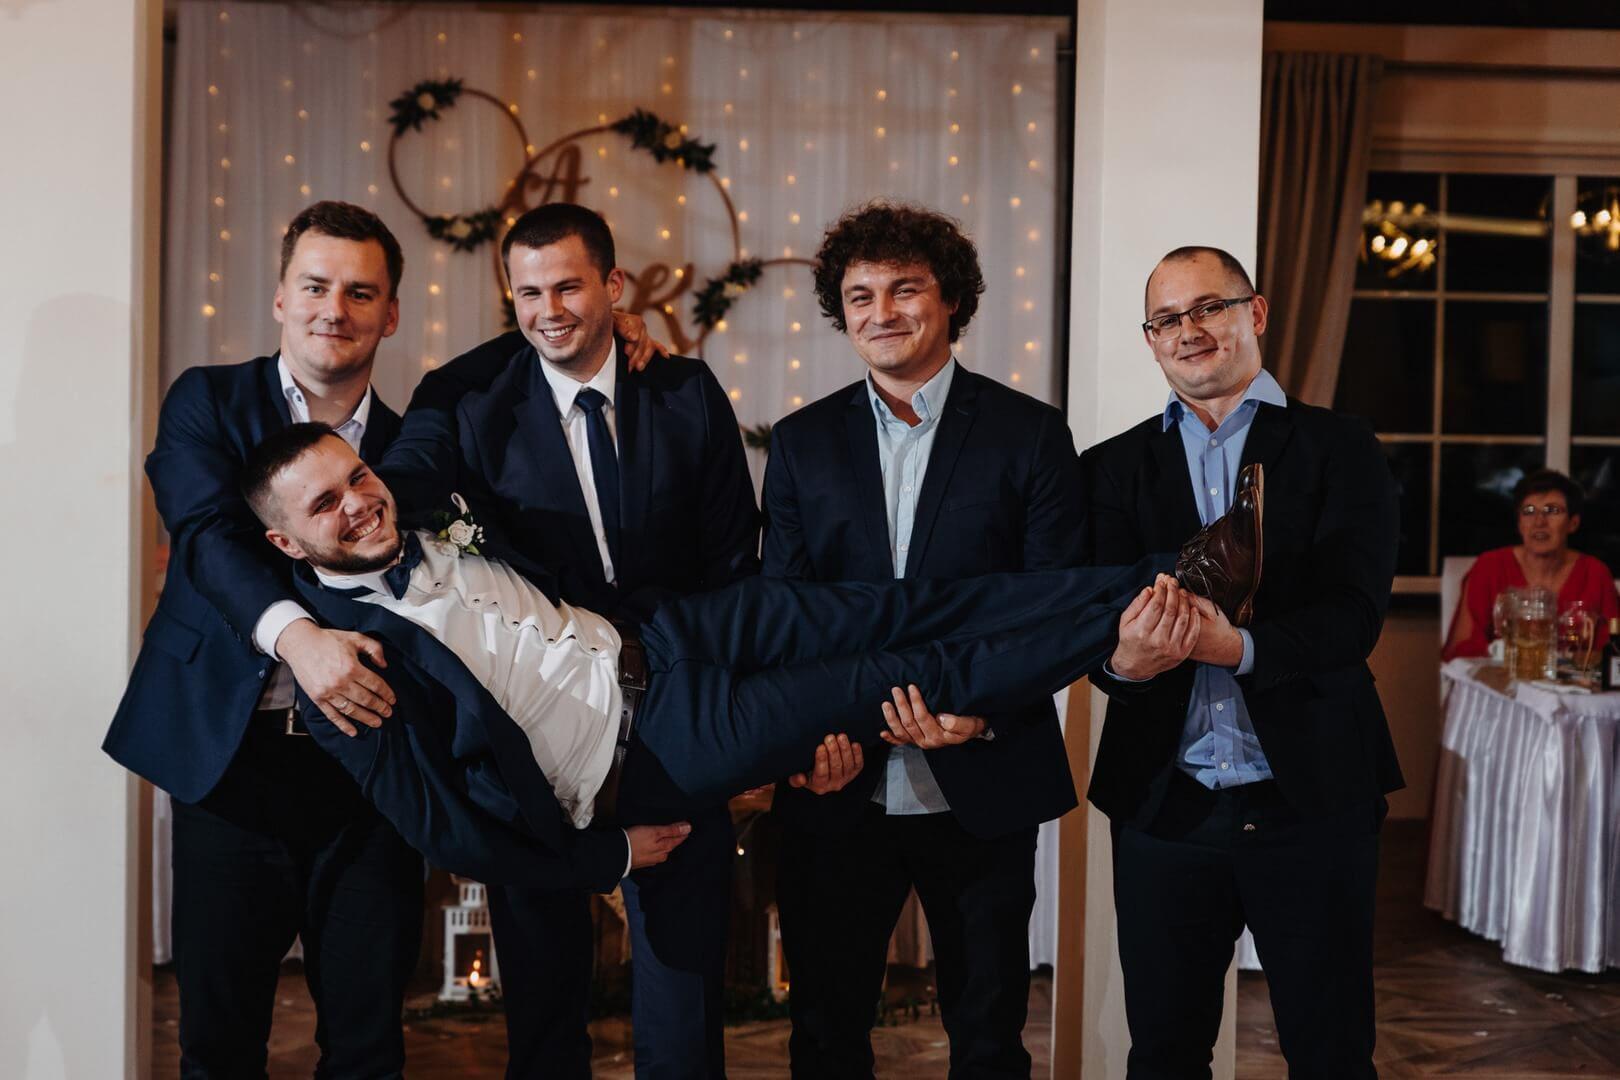 Zdjęcia grupowe na weselu. fotograf Szpakowicz Aleksander Gdańsk, Trójmiasto - szpakowicz-studio.pl 19